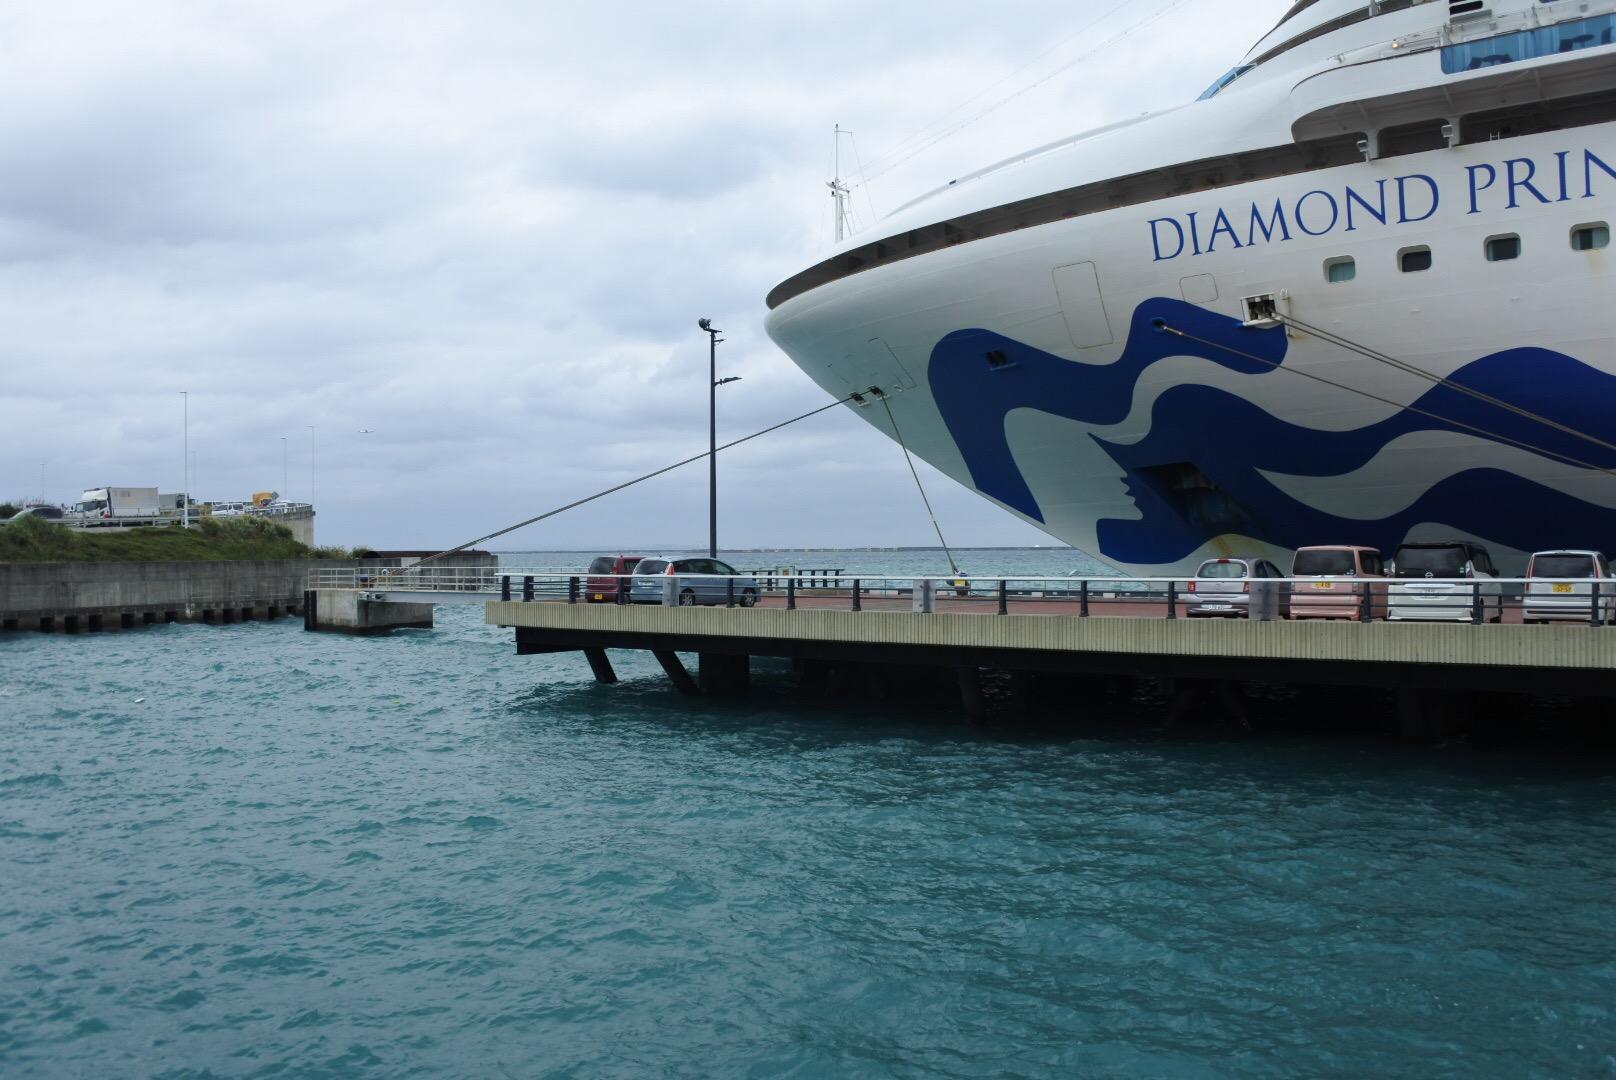 ダイヤモンドプリンセス那覇港に到着